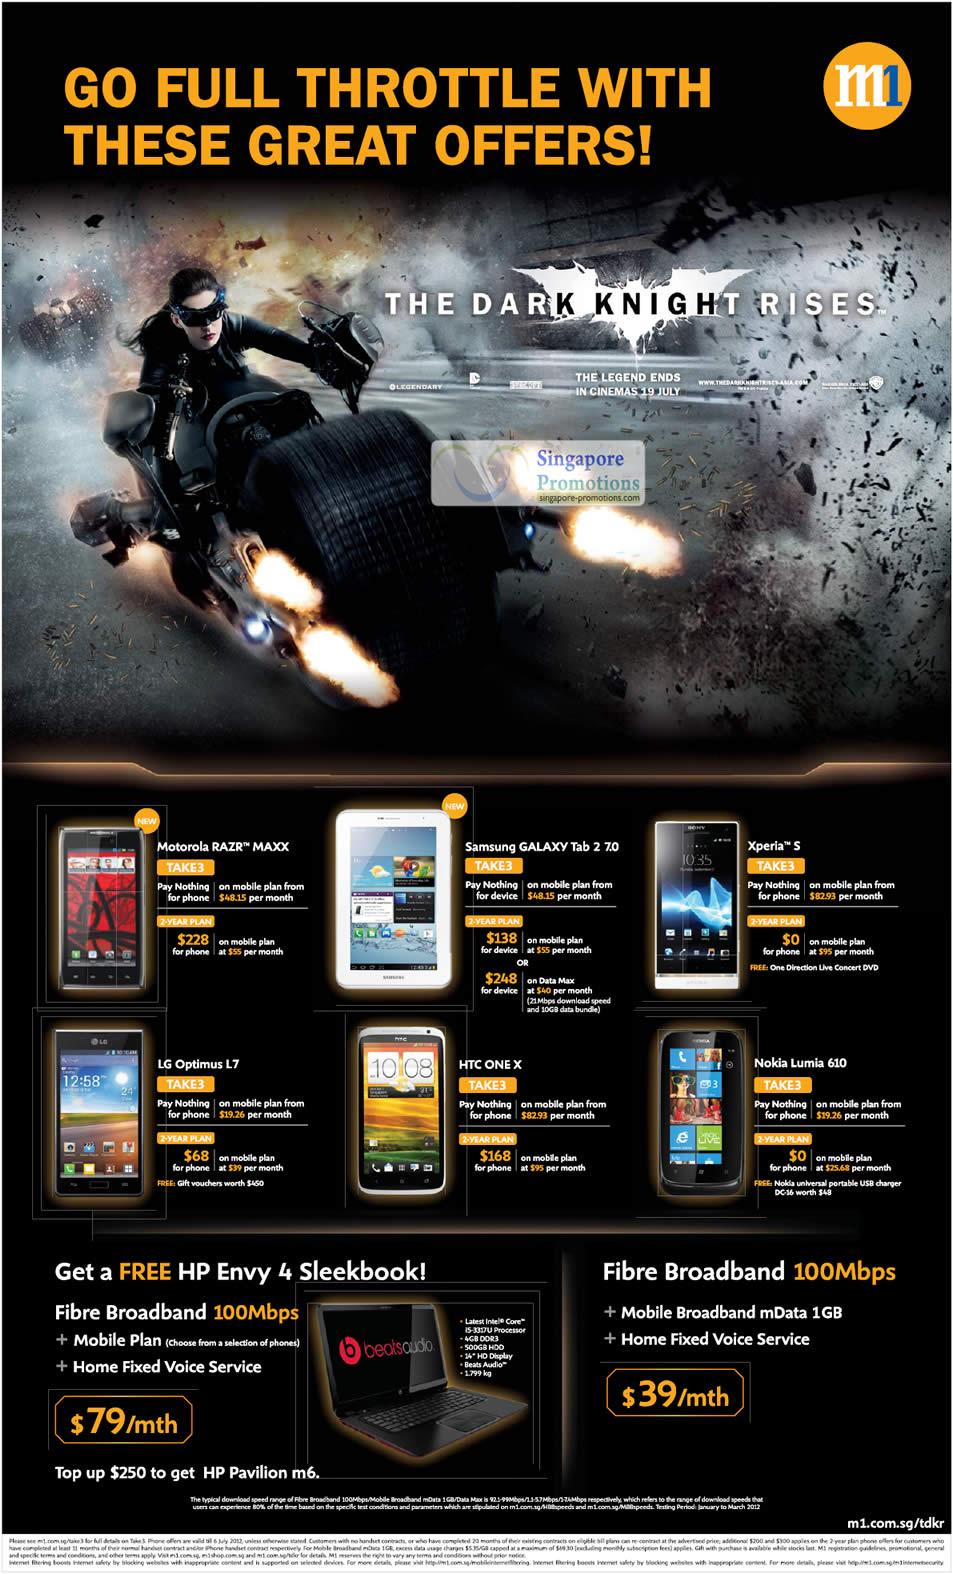 Motorola Razr Maxx, Samsung Galaxy Tab 2 7.0, Sony Xperia S, LG Optimus L7, HTC One X, Nokia Lumia 610, Broadband